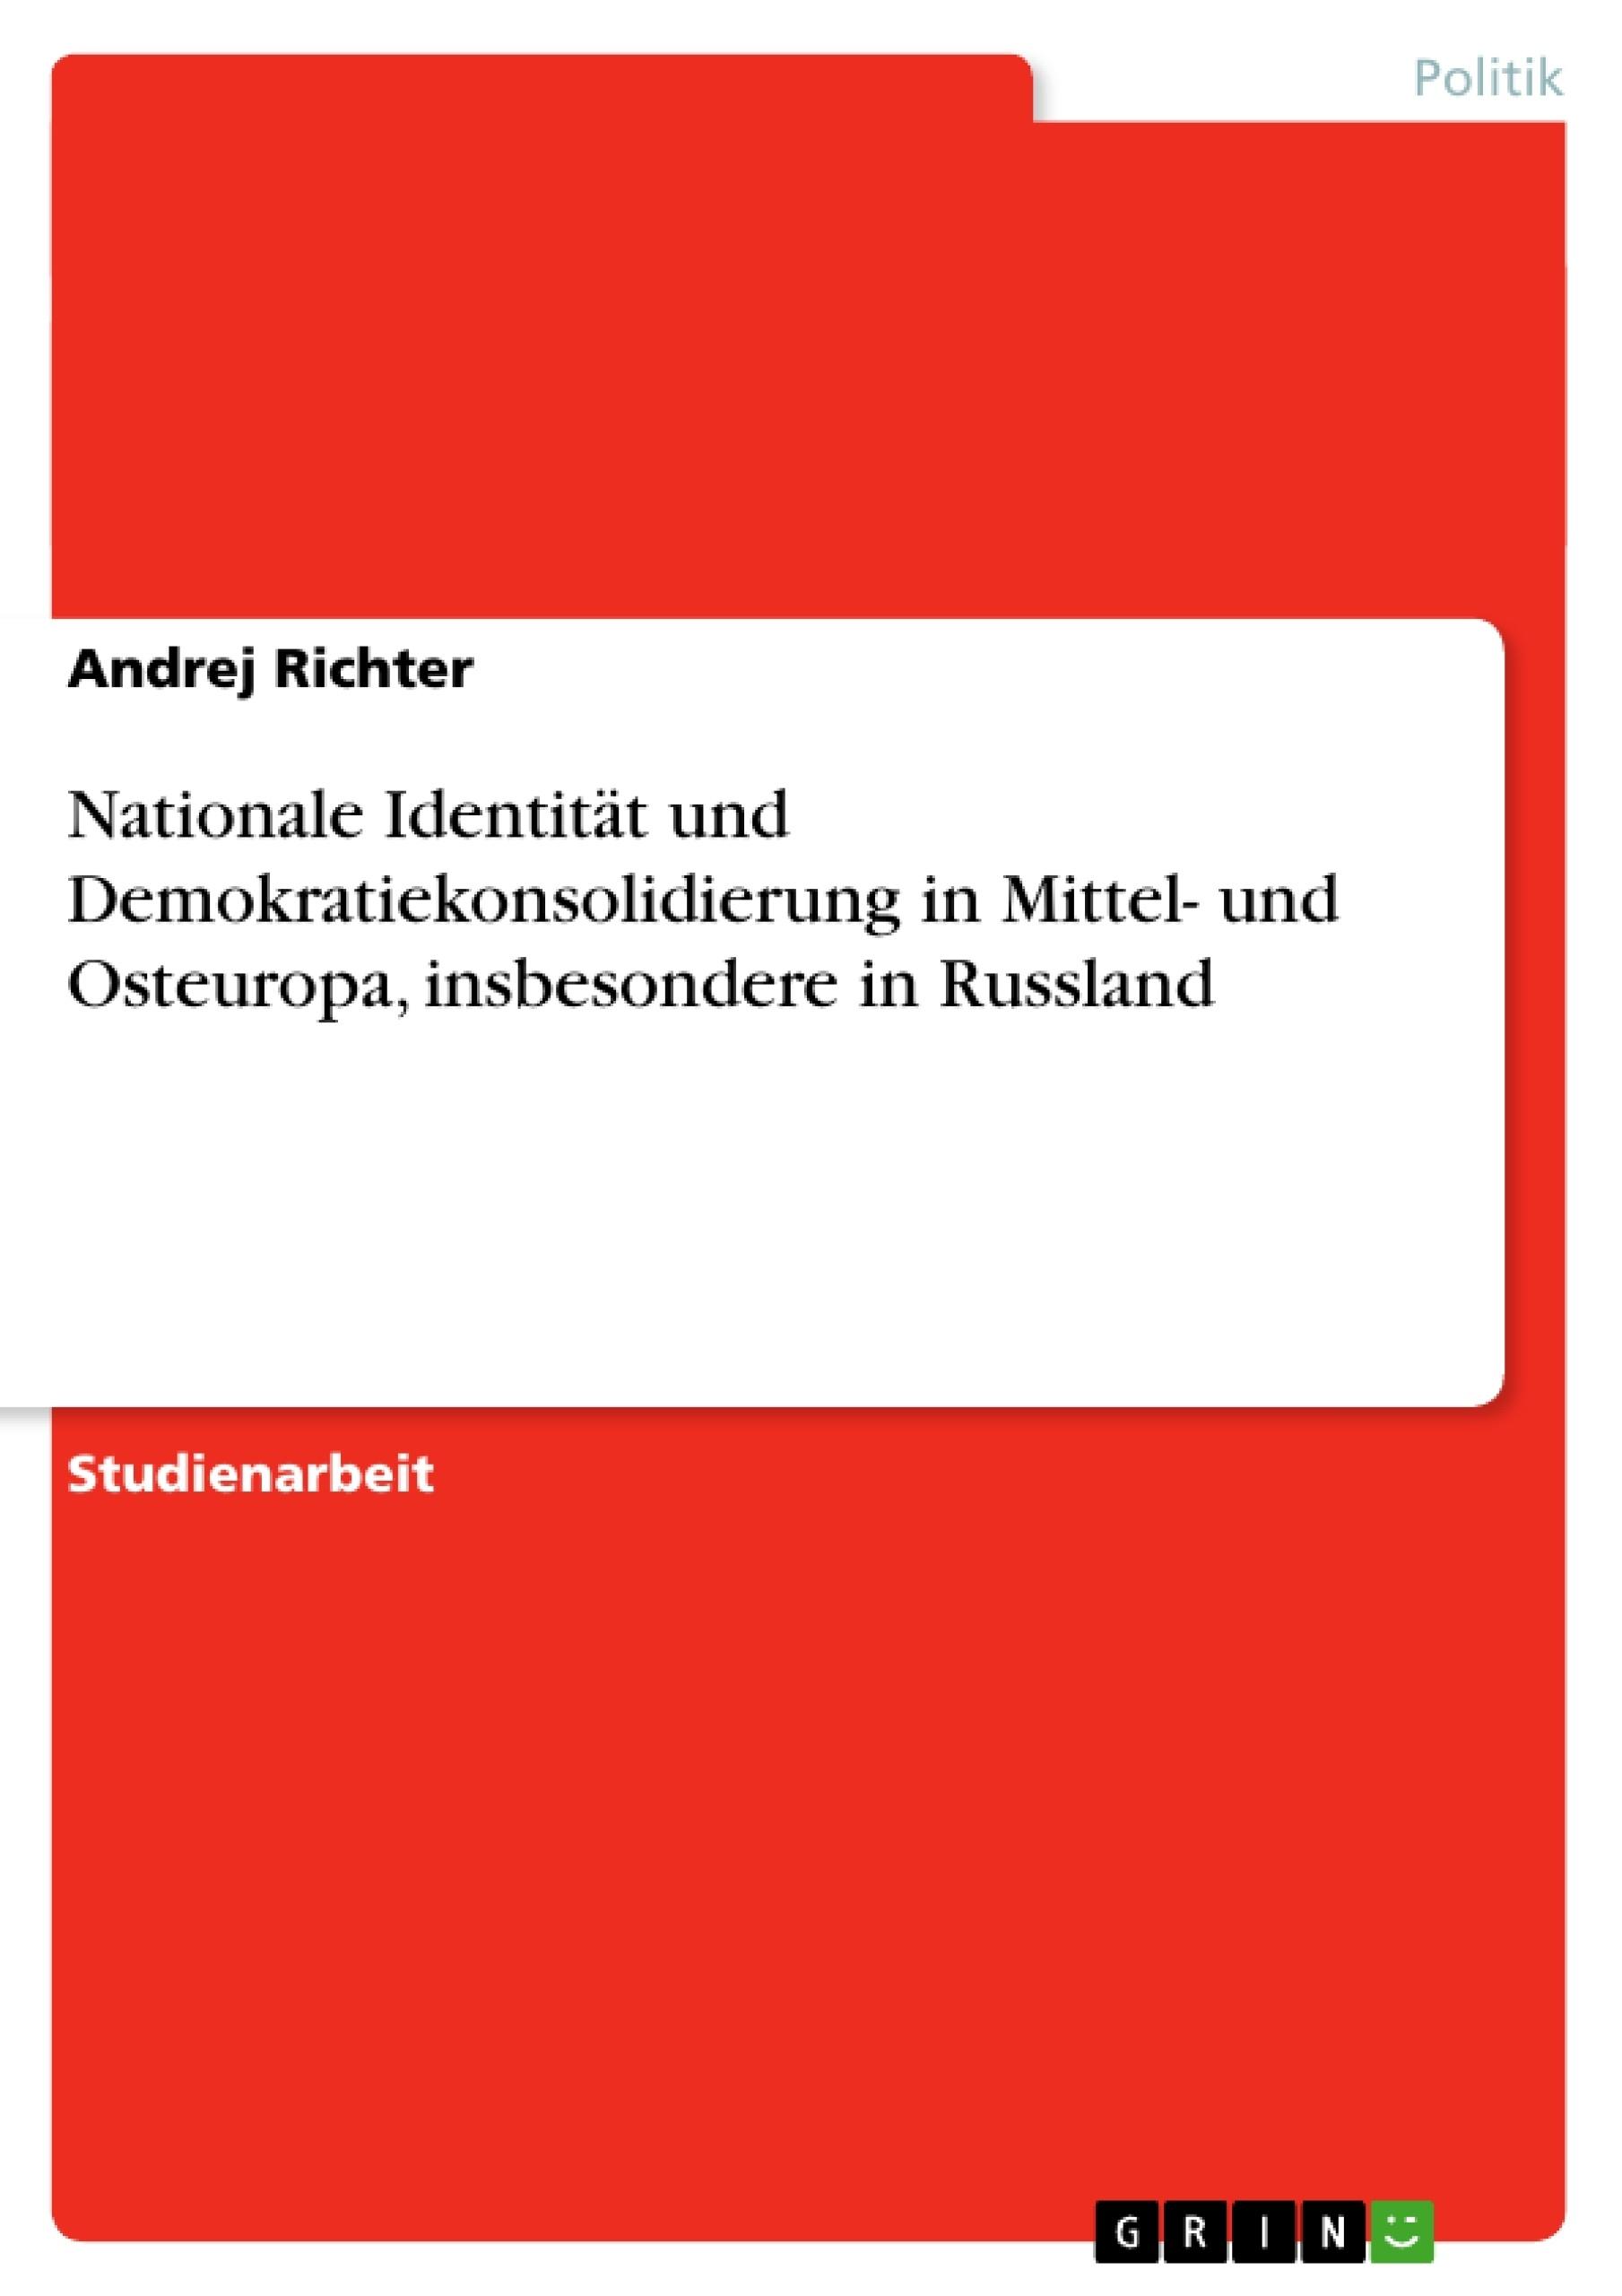 Titel: Nationale Identität und Demokratiekonsolidierung in Mittel- und Osteuropa, insbesondere in Russland